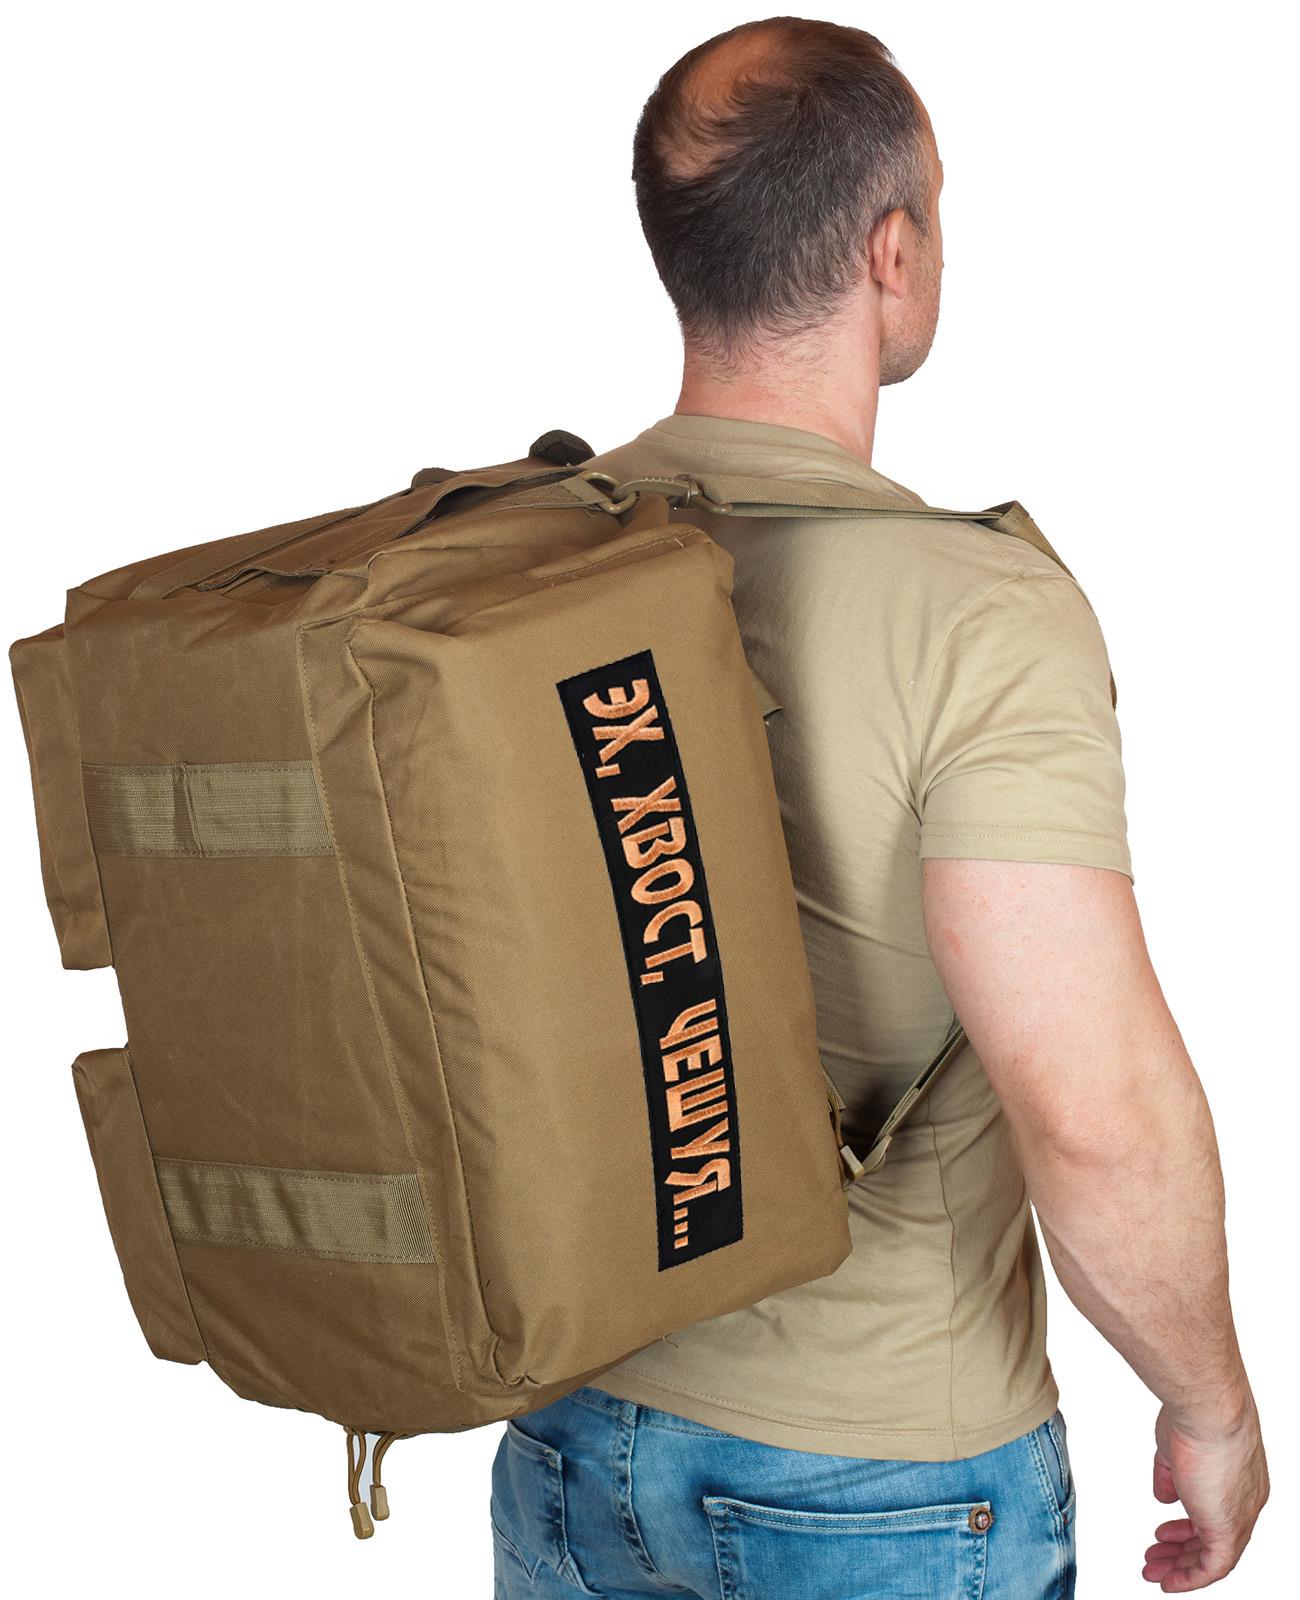 Купить заплечную мужскую сумку-рюкзак с нашивкой Эх, хвост, чешуя по специальной цене